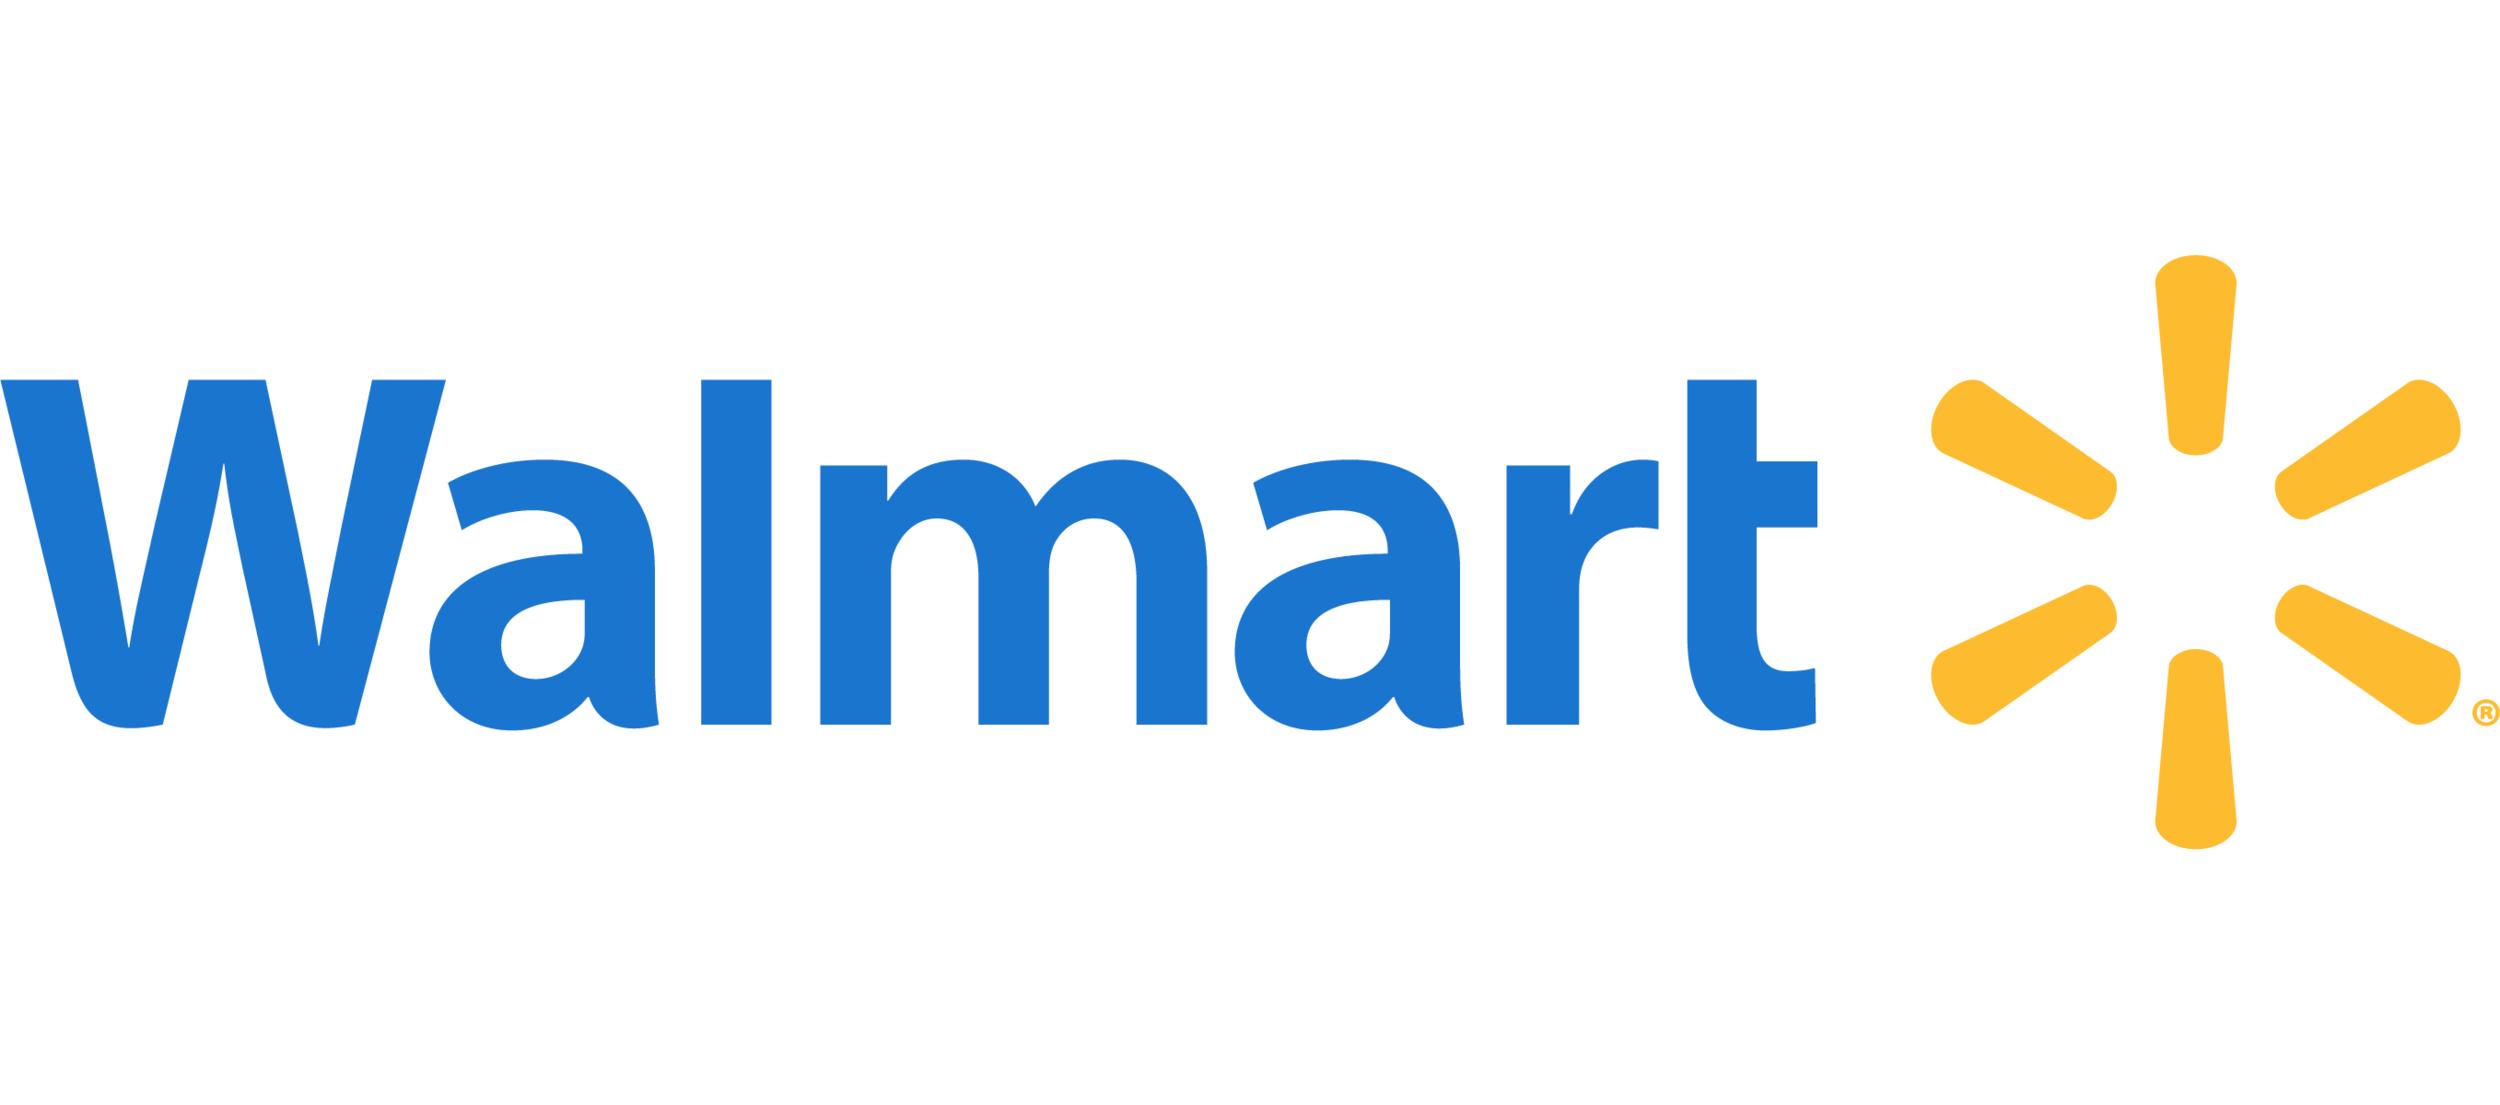 09a80ff17f0ad3fe154fa54fccc10927-Walmart-Logo-pictures-walmart-sign-new-logo16.png